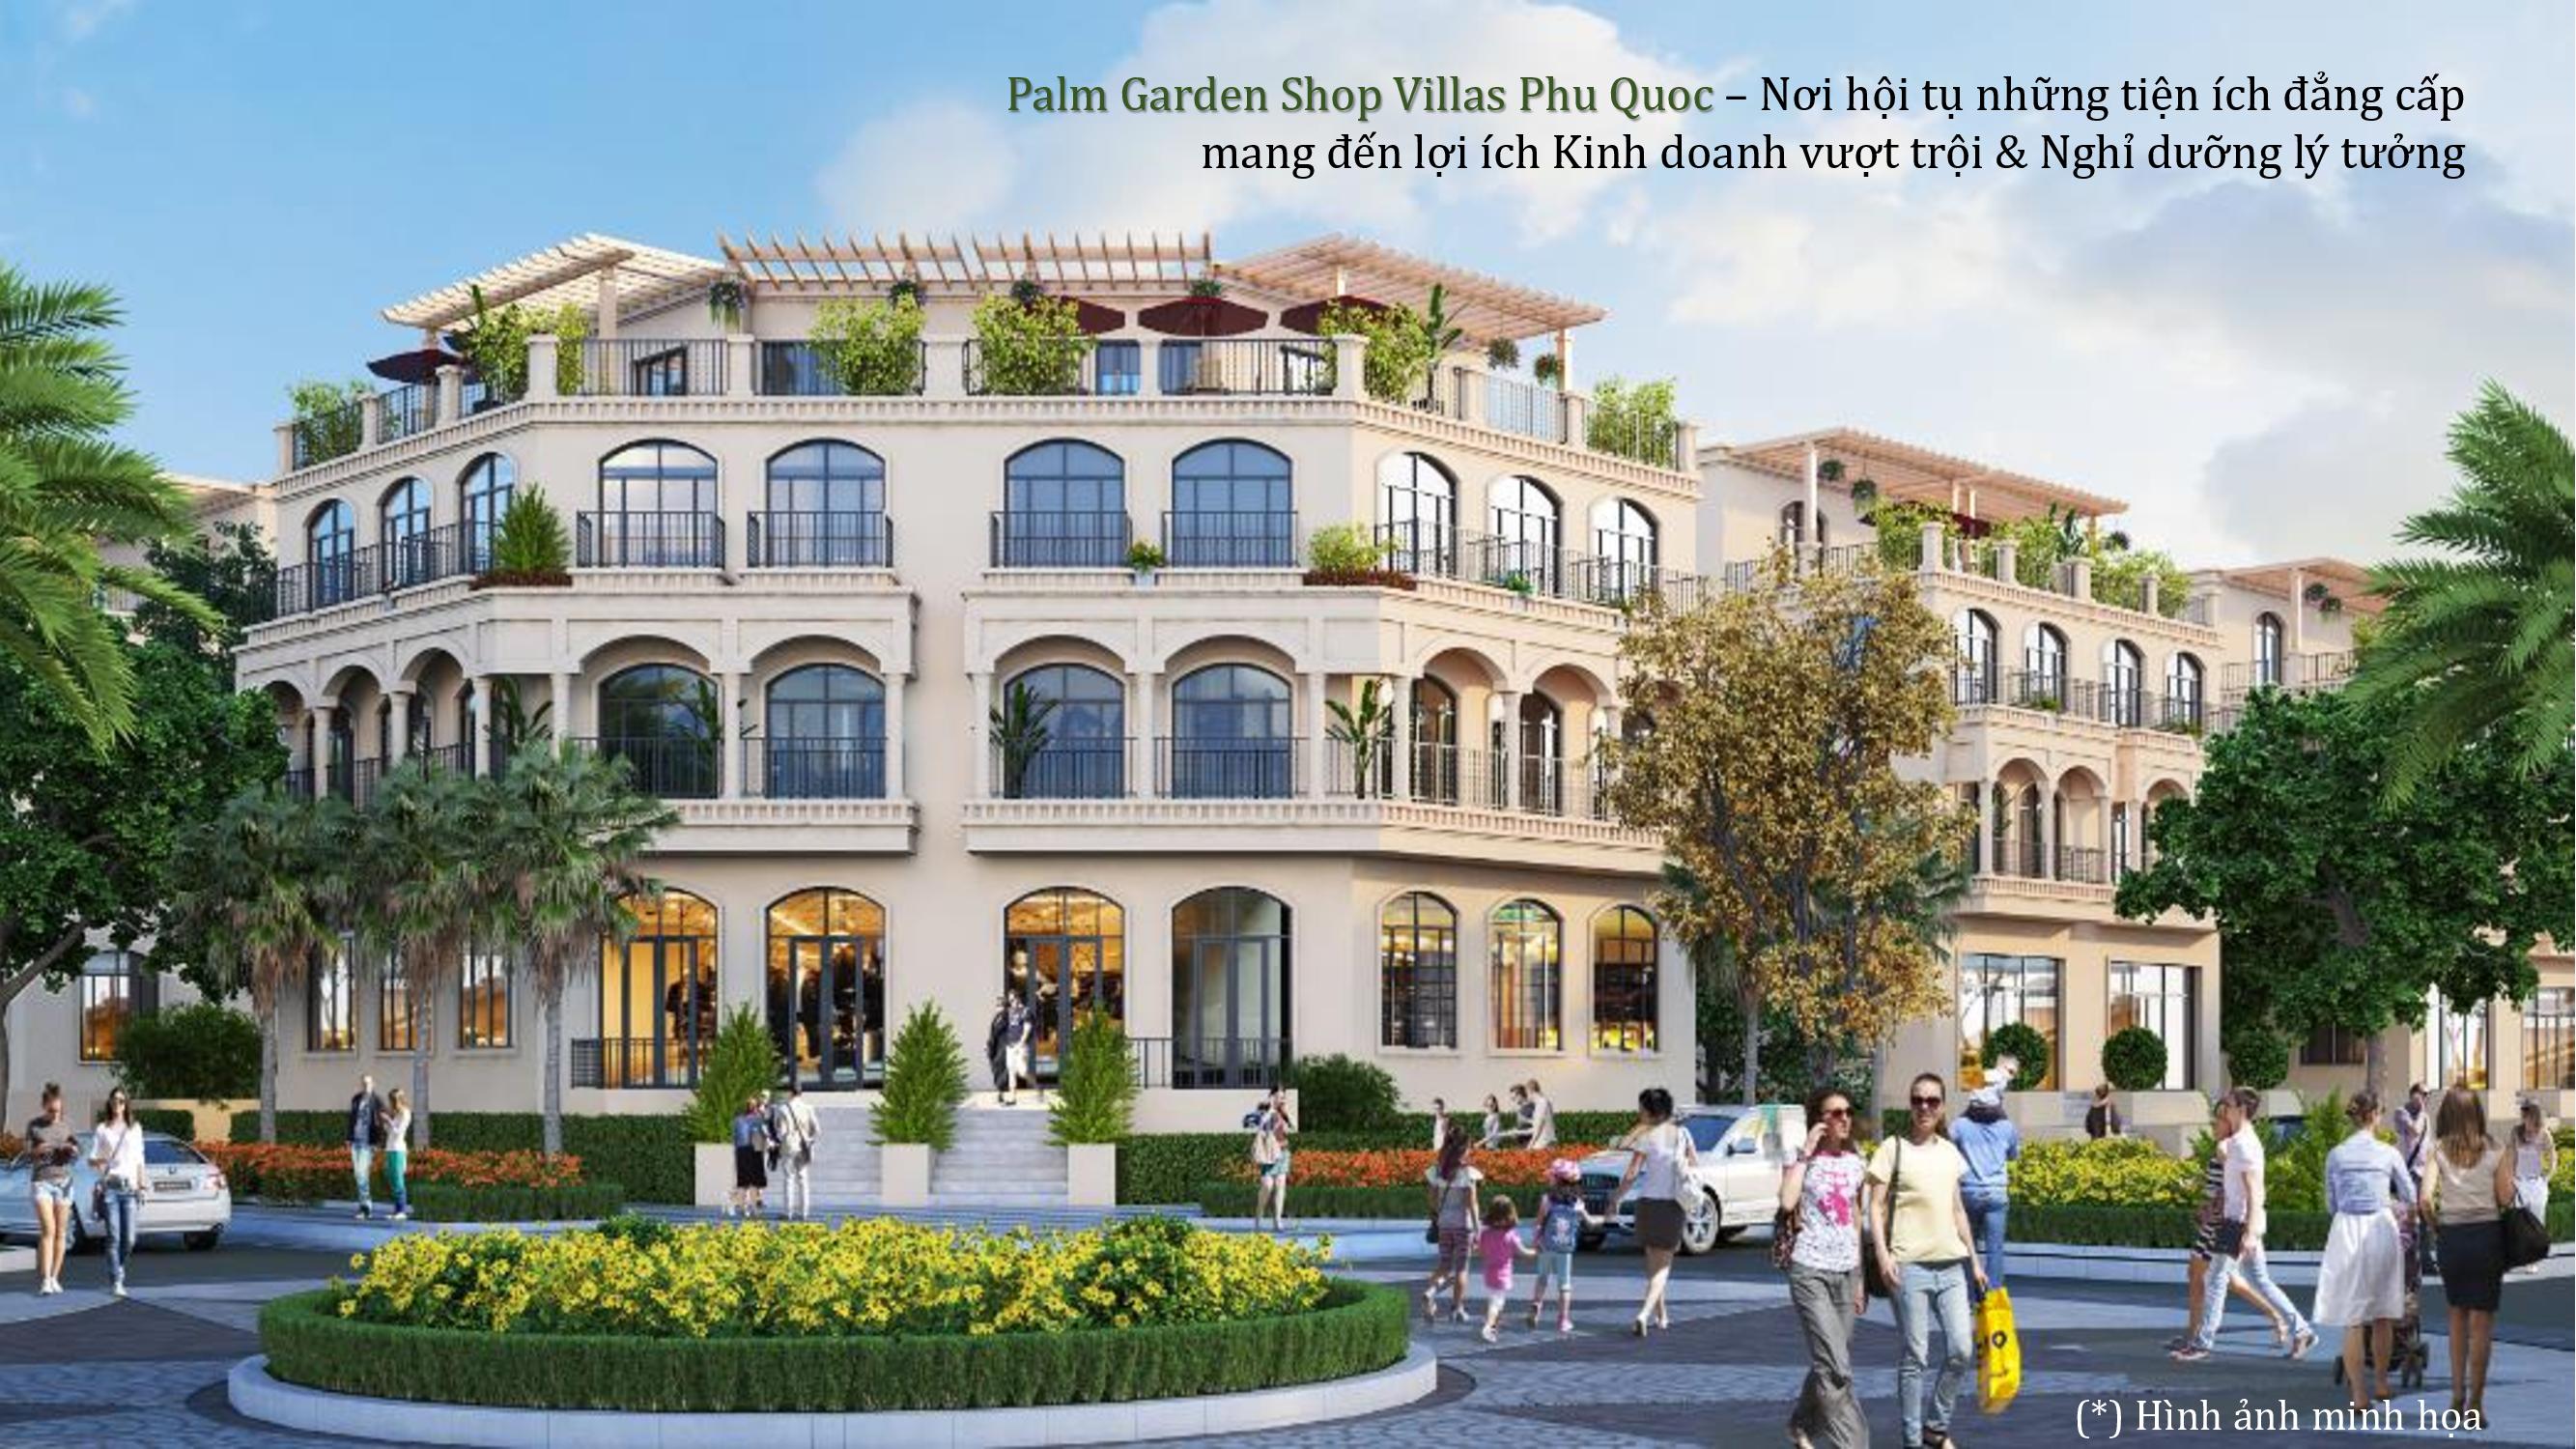 palm garden shop villas phú quốc PALM GARDEN SHOP VILLAS PHU QUOC 409f53774366e6de6651bf01534873b5 22